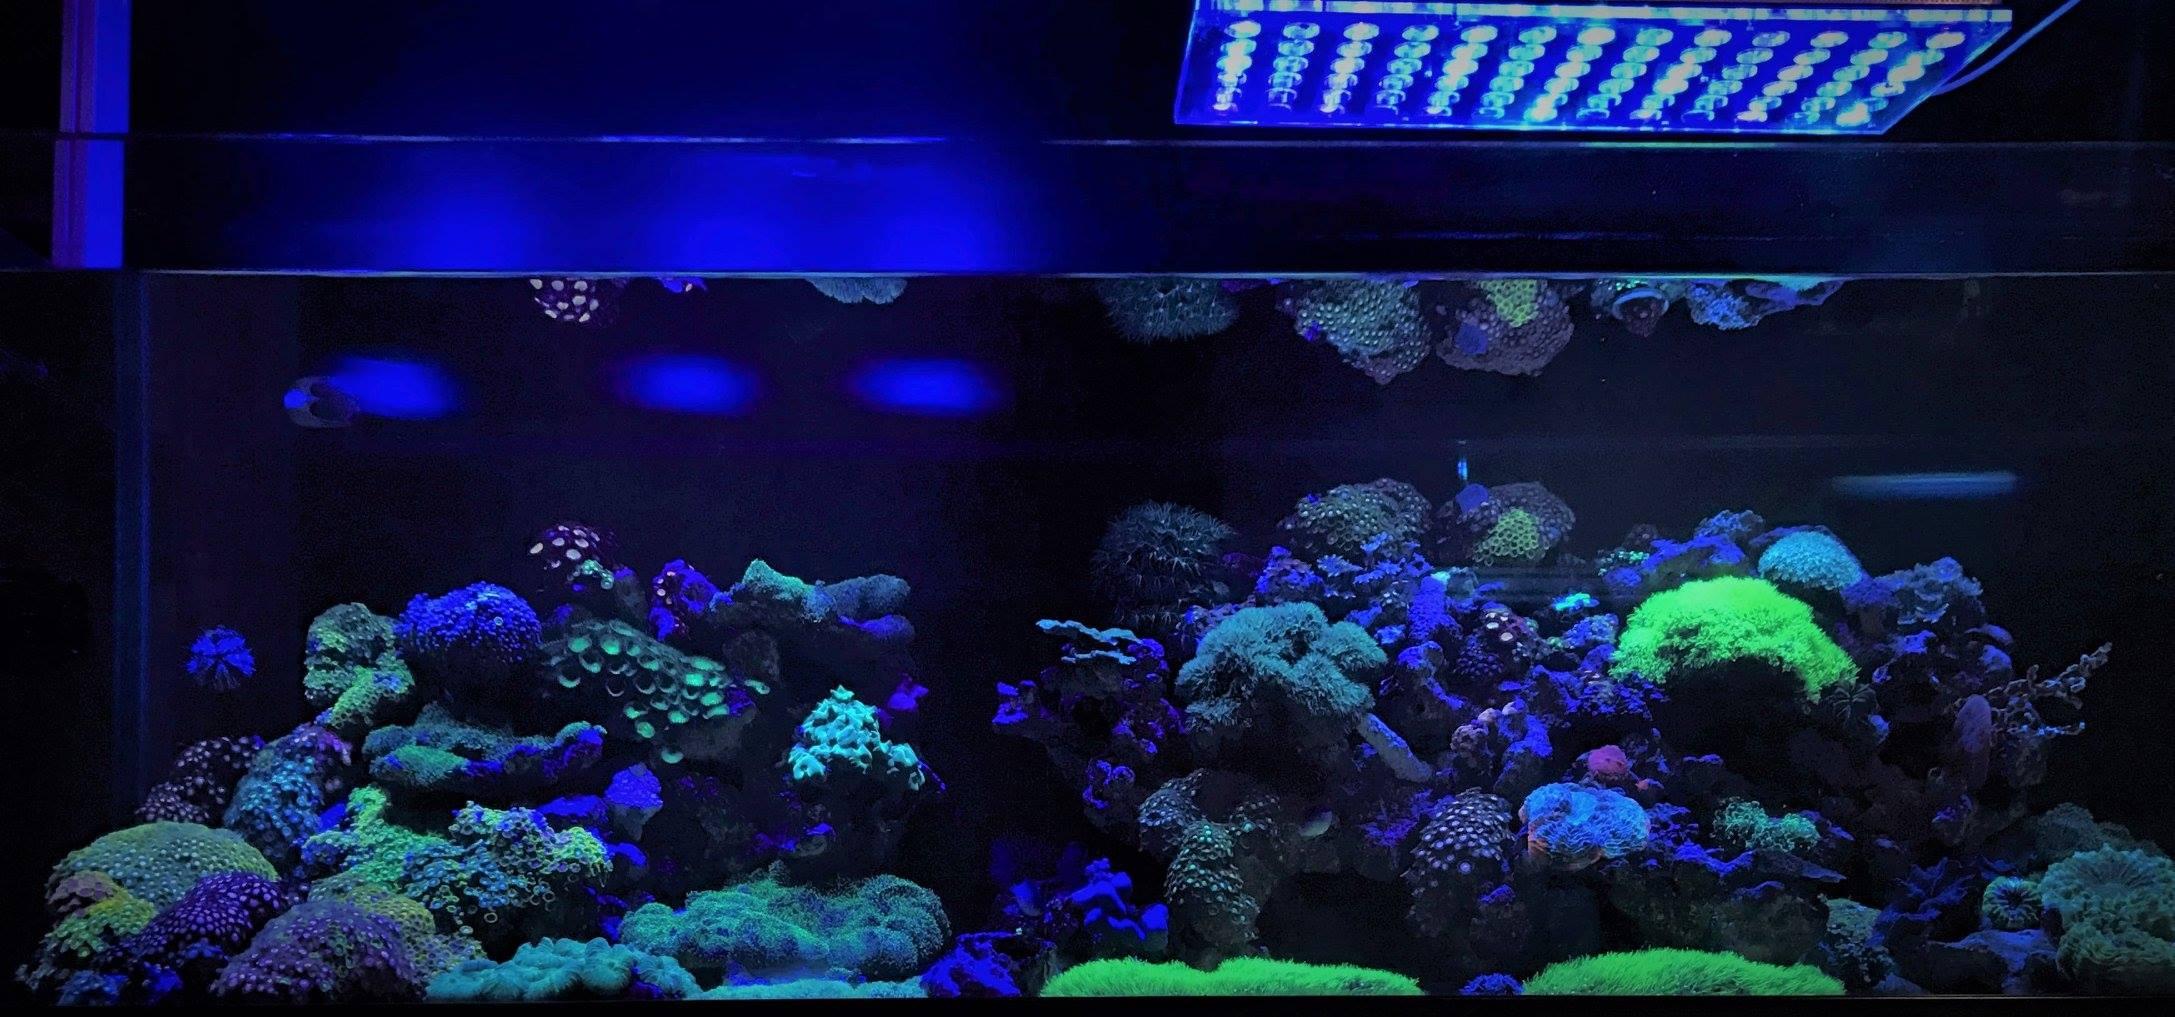 Reef Tank Led Lighting